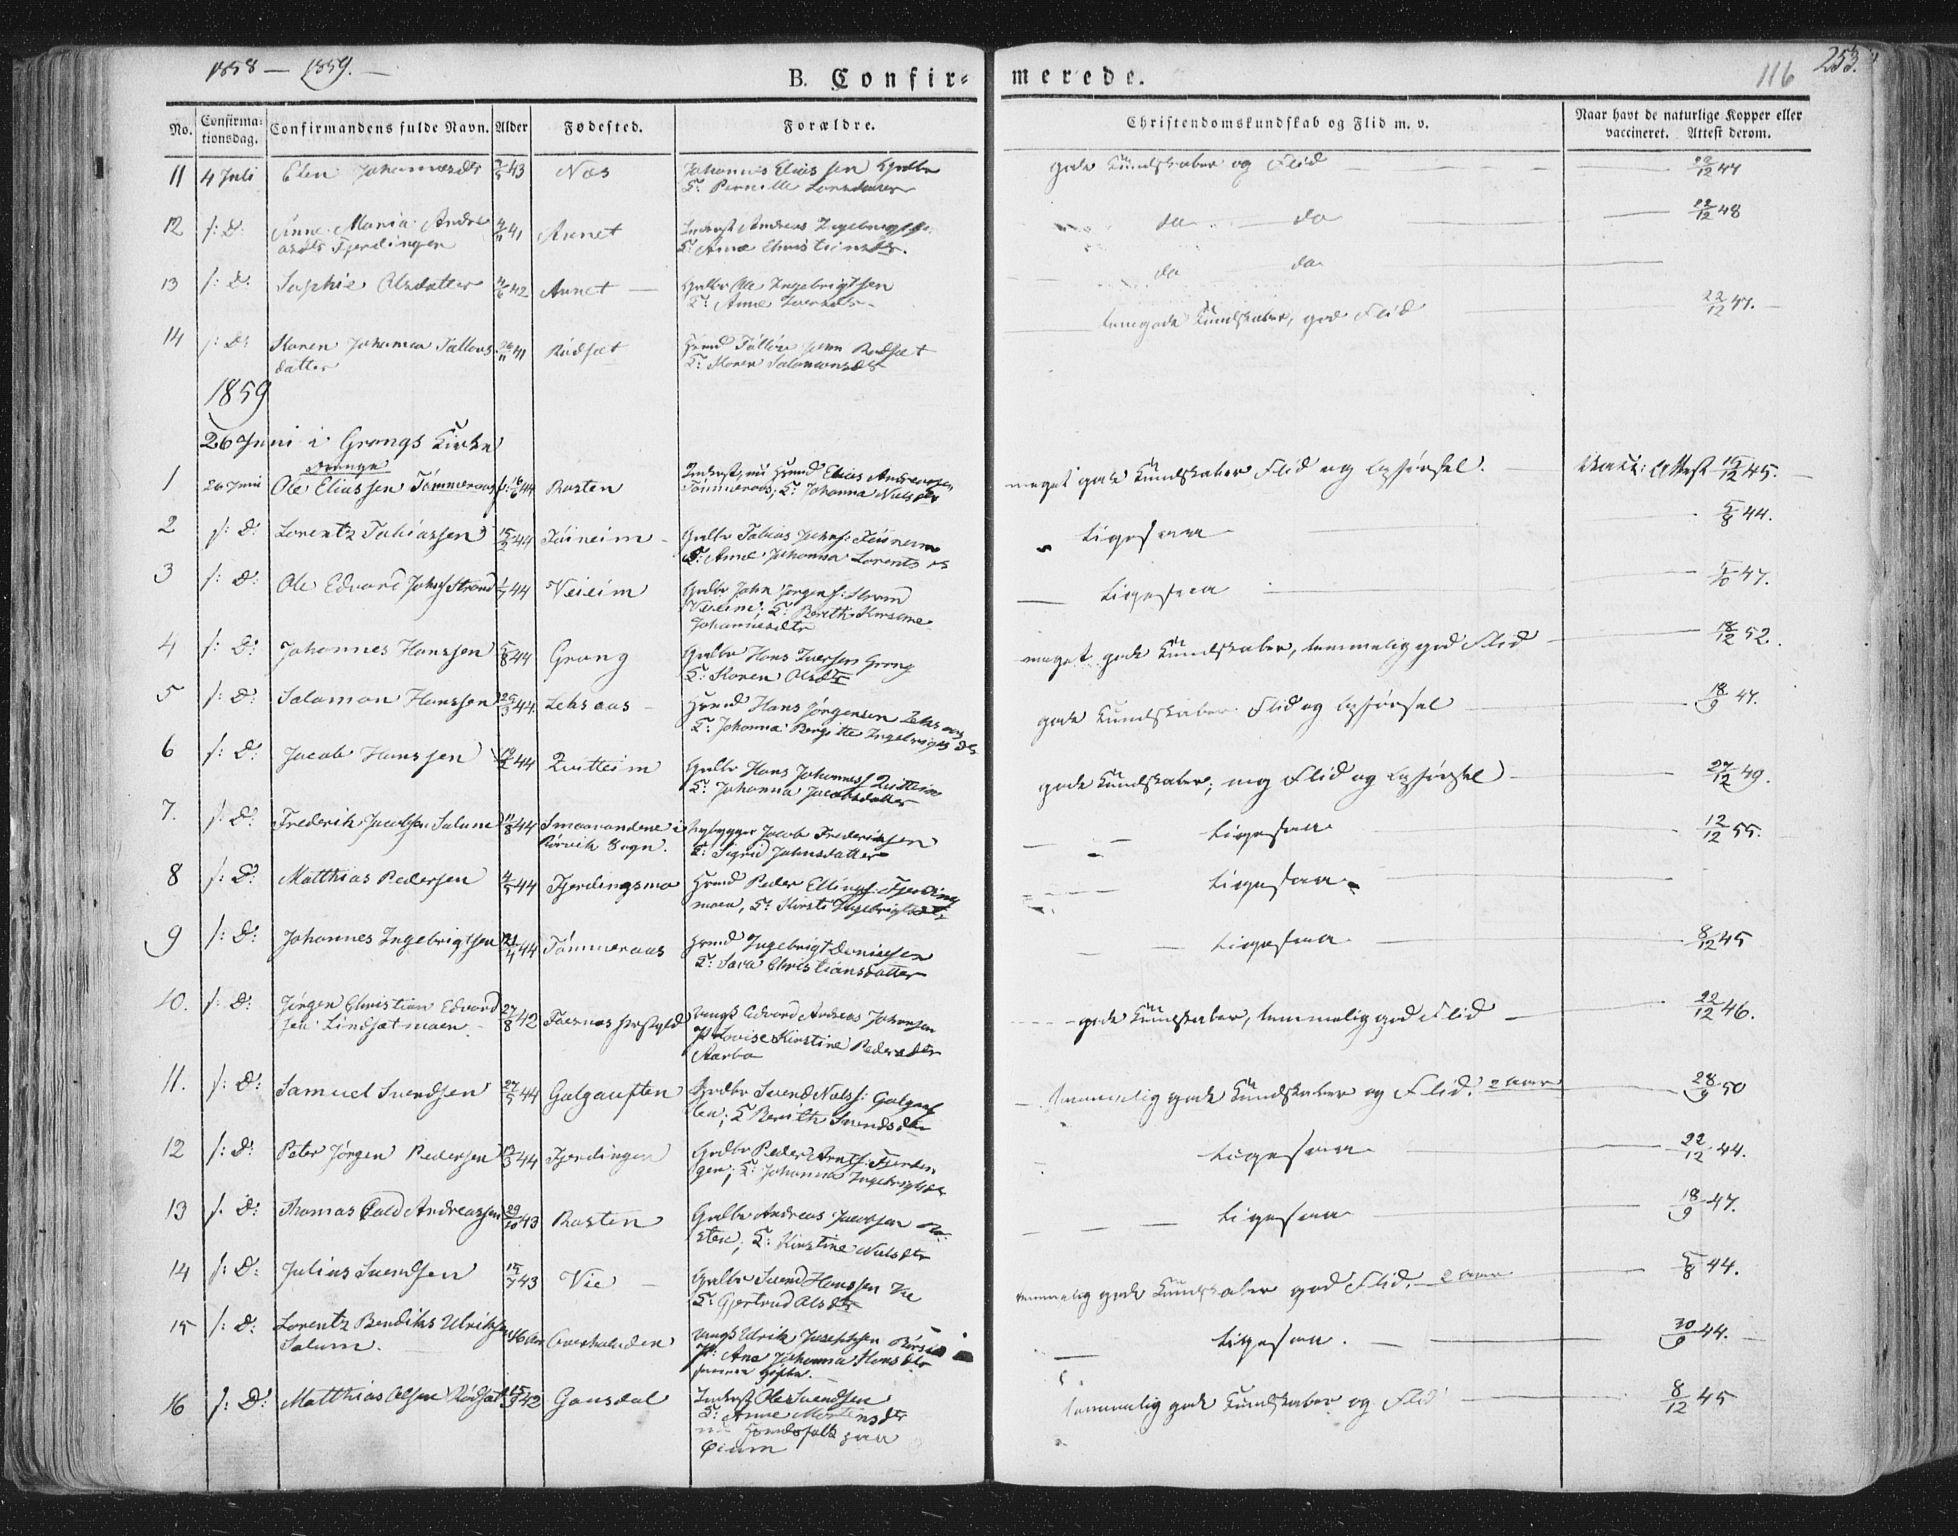 SAT, Ministerialprotokoller, klokkerbøker og fødselsregistre - Nord-Trøndelag, 758/L0513: Ministerialbok nr. 758A02 /1, 1839-1868, s. 116